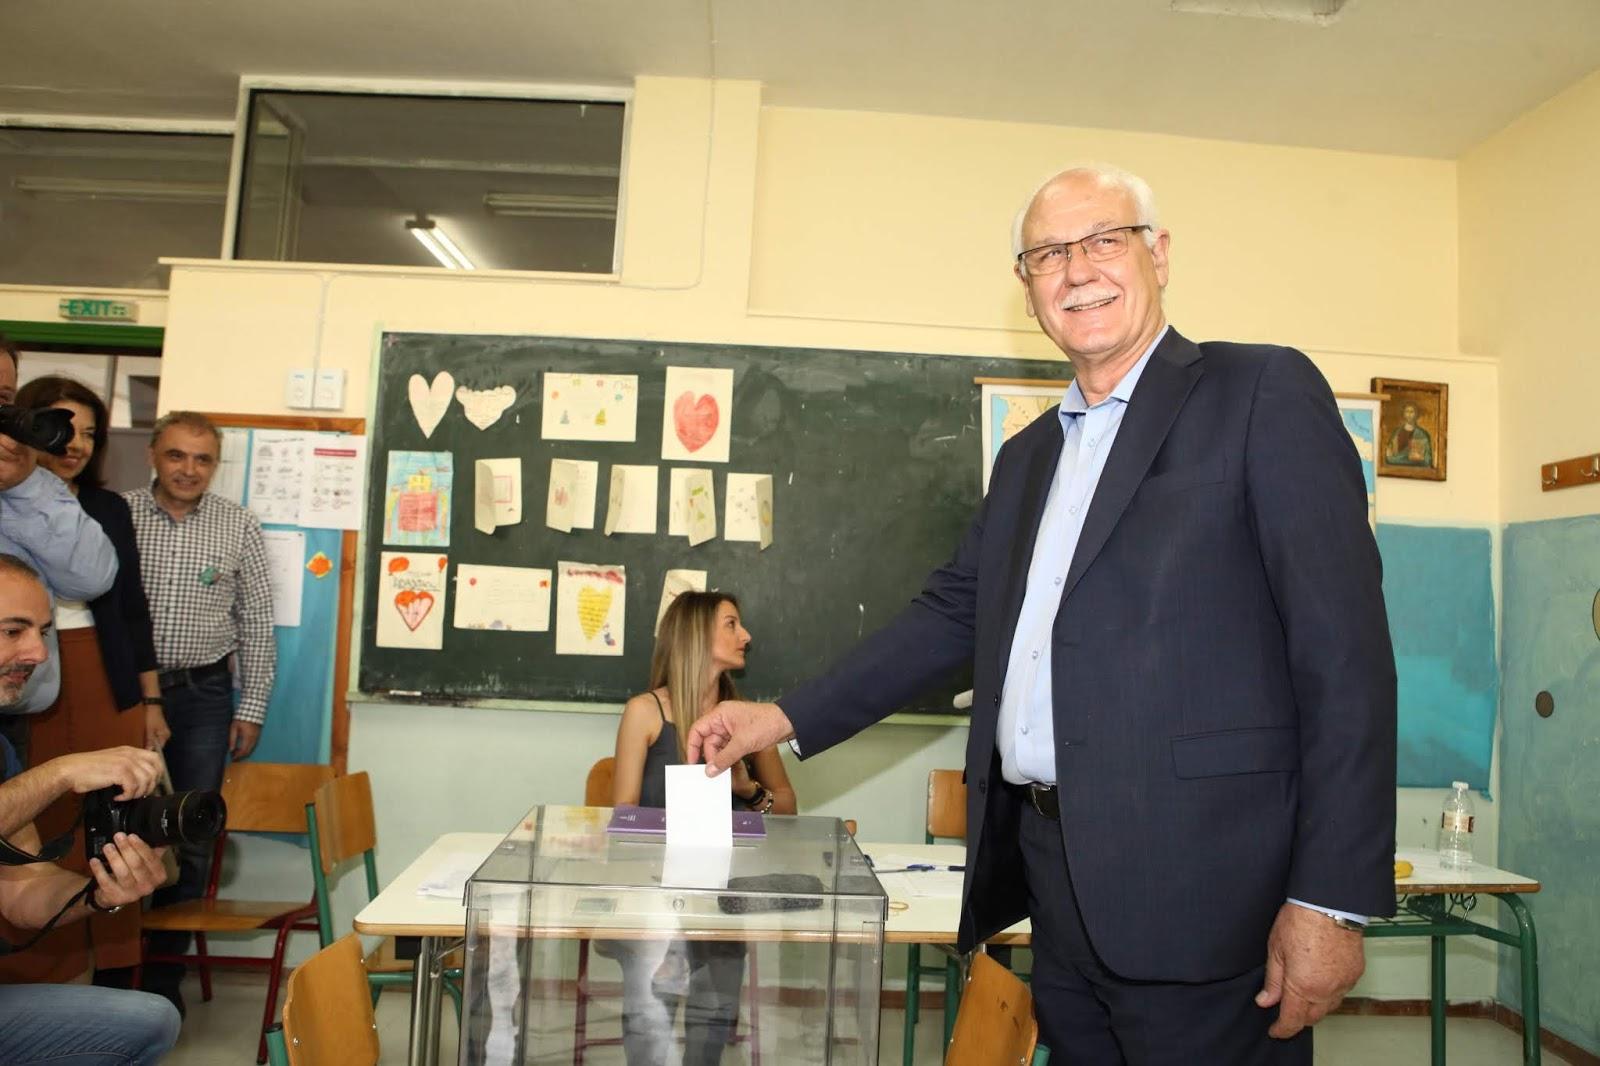 Κάλεσμα Καλογιάννη για μαζική συμμετοχή στις εκλογές κατά την άσκηση του εκλογικού του δικαιώματος